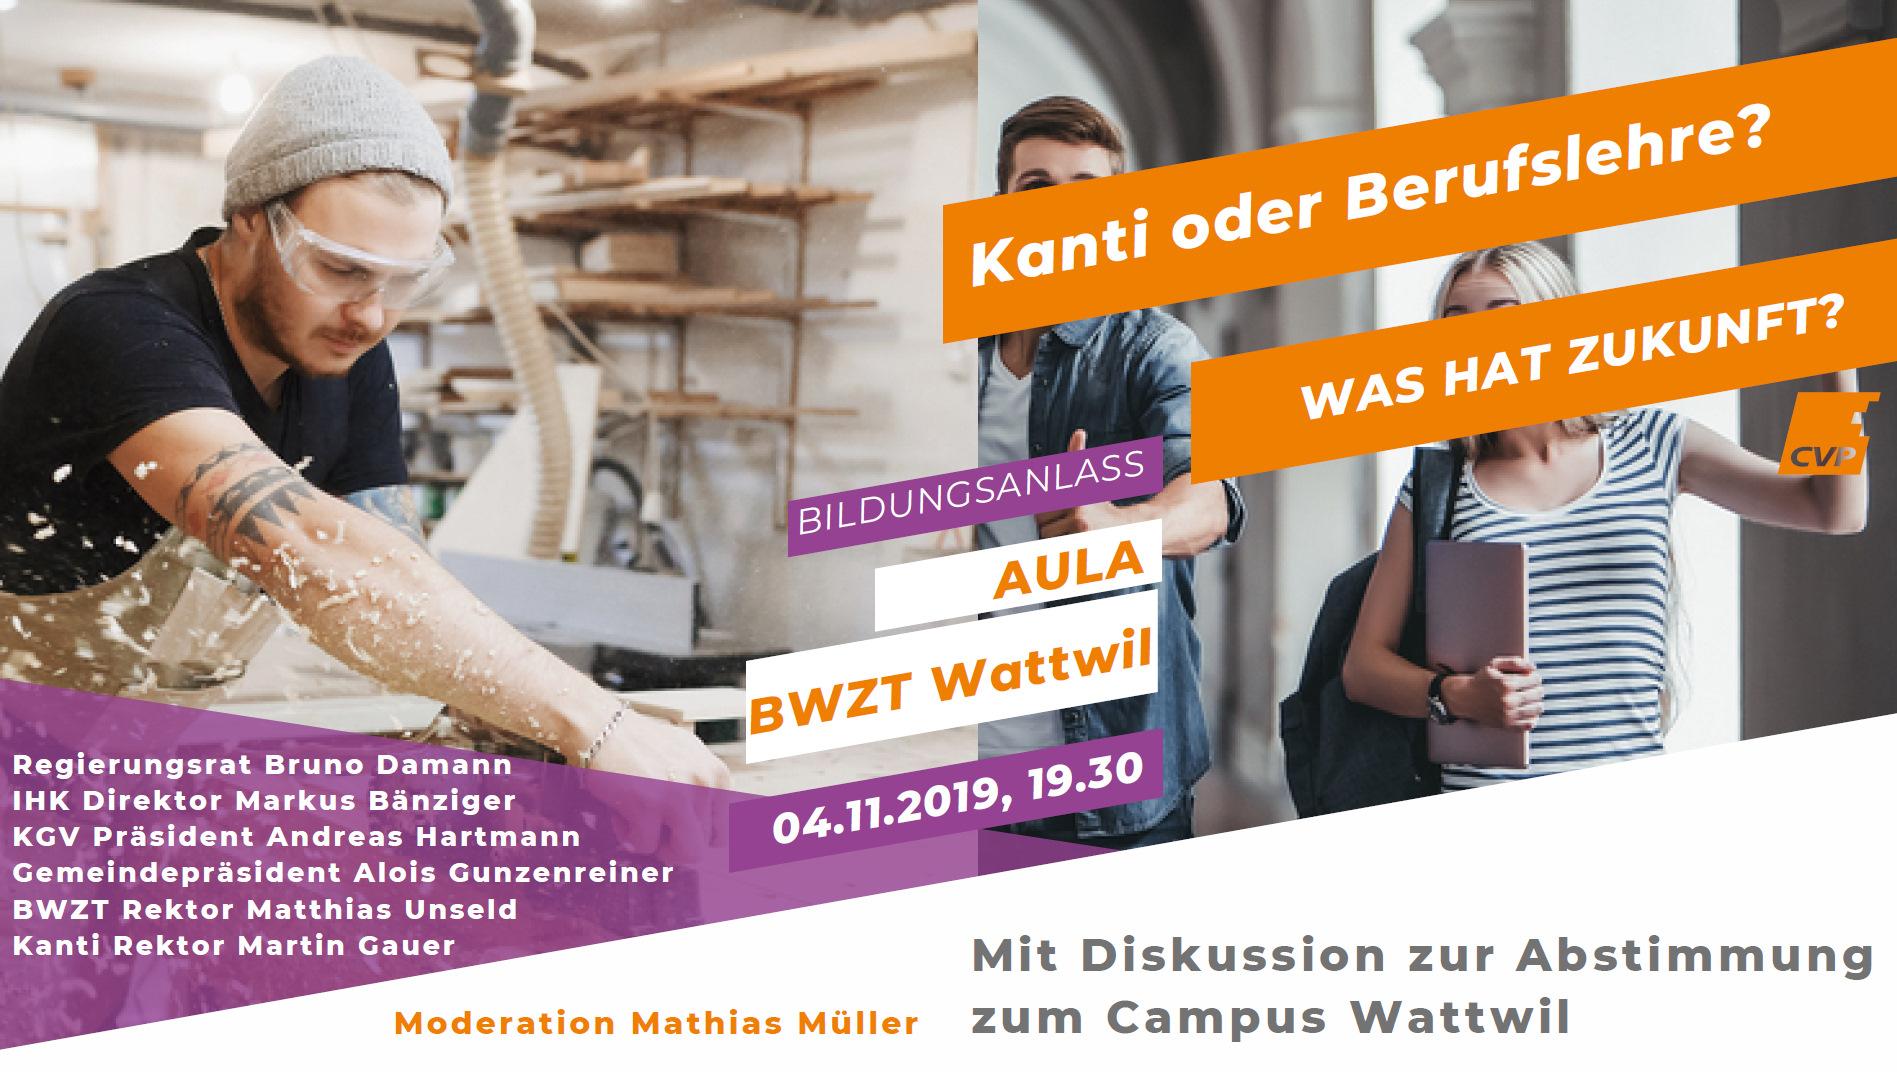 Anlass CVP Toggenburg: Kanti oder Berufslehre - was hat Zukunft? (Montag, 04.11.2019)